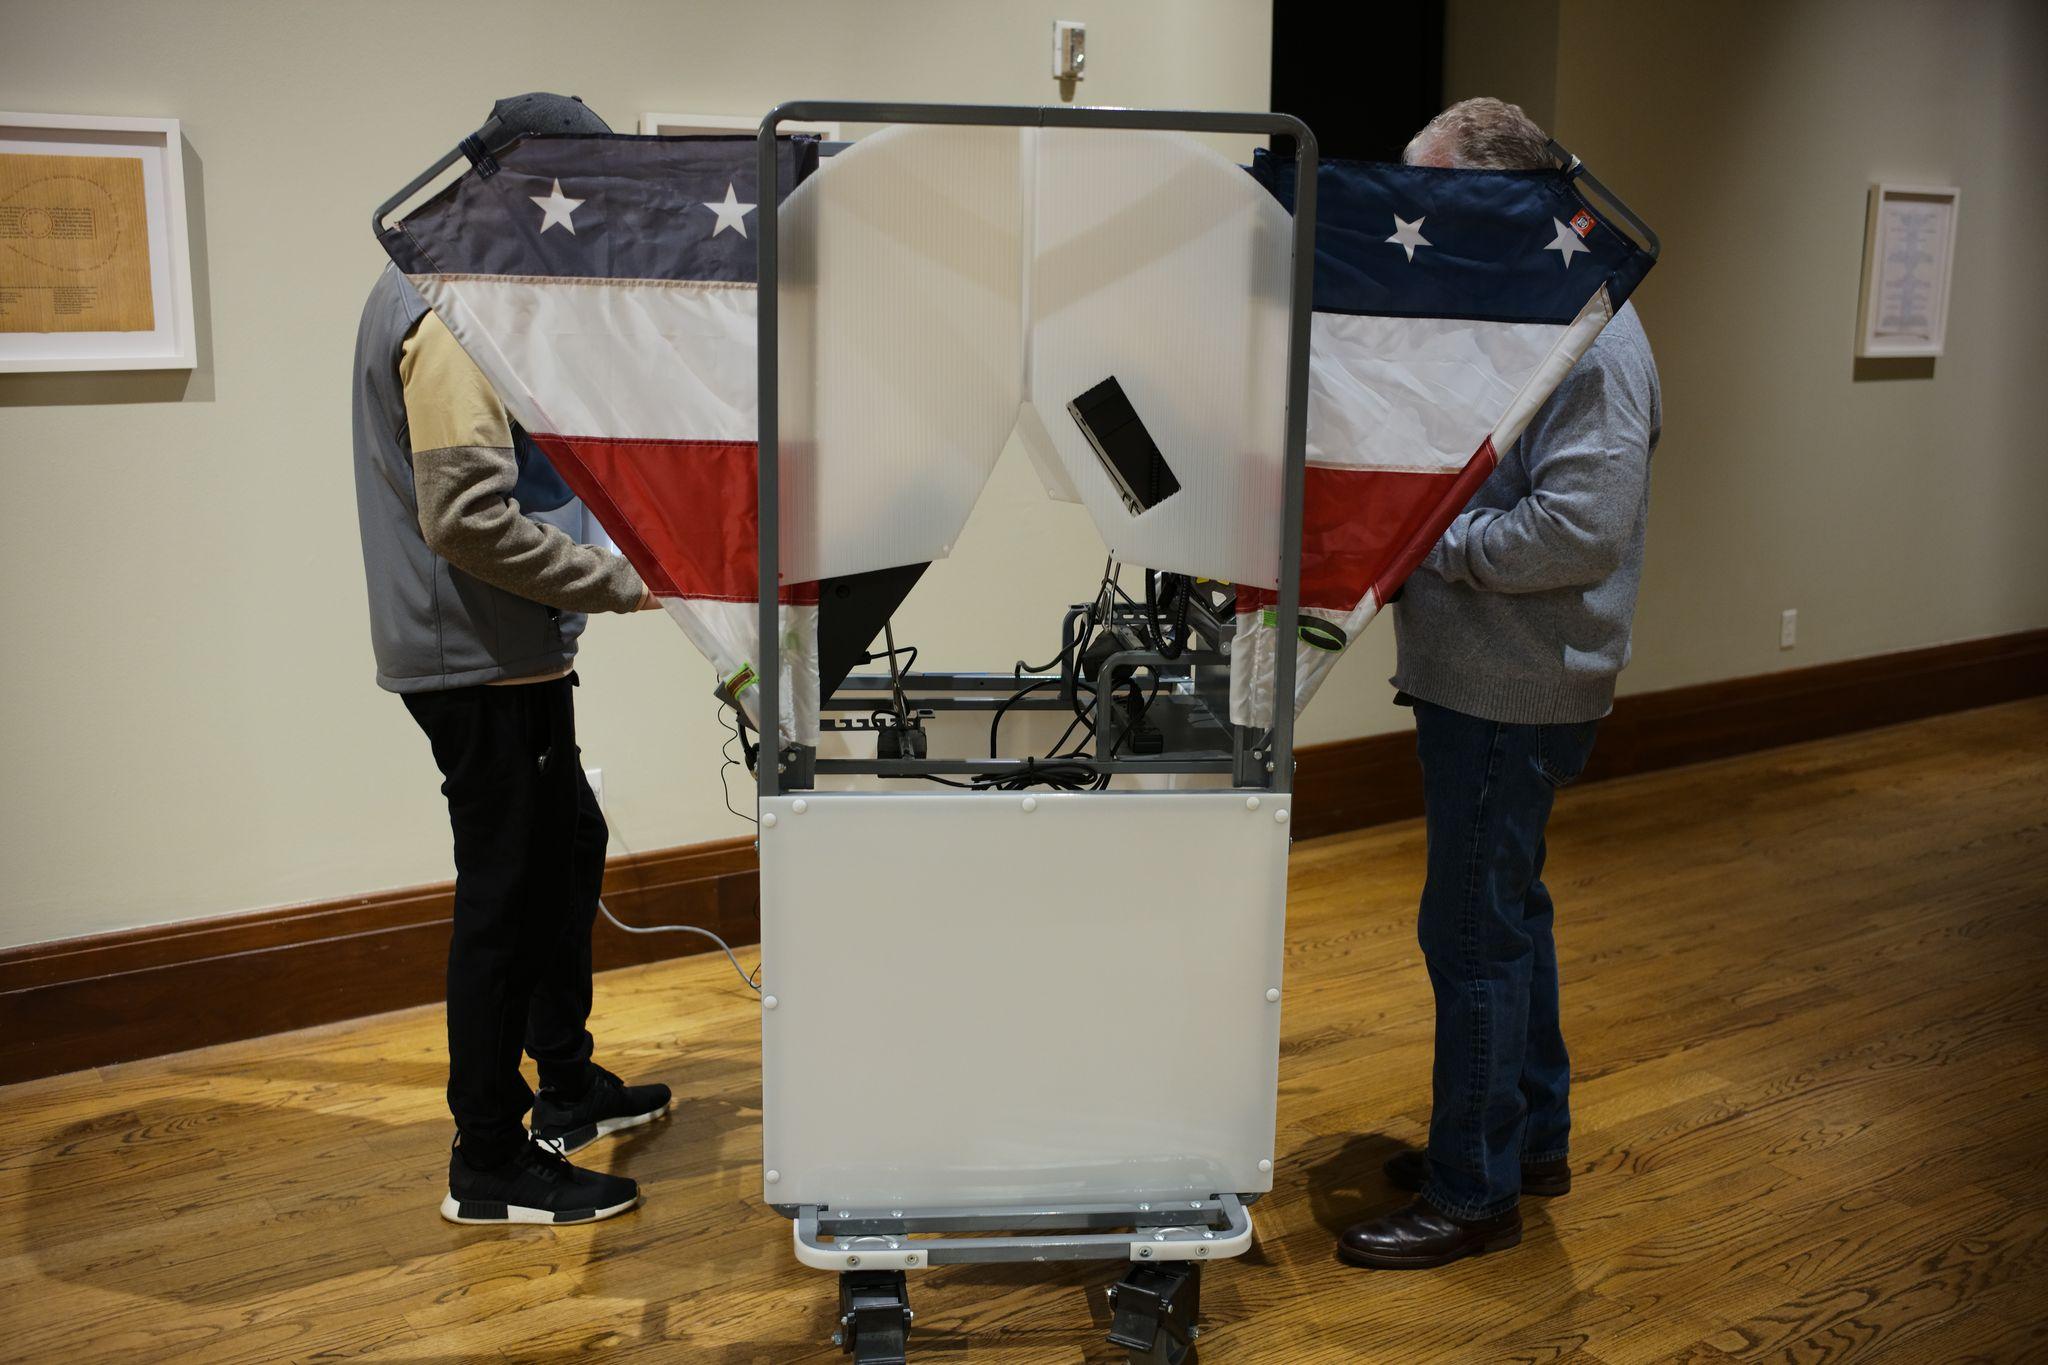 Casting votes, Nov. 3, 2020. (Photo: Ray Di Pietro)